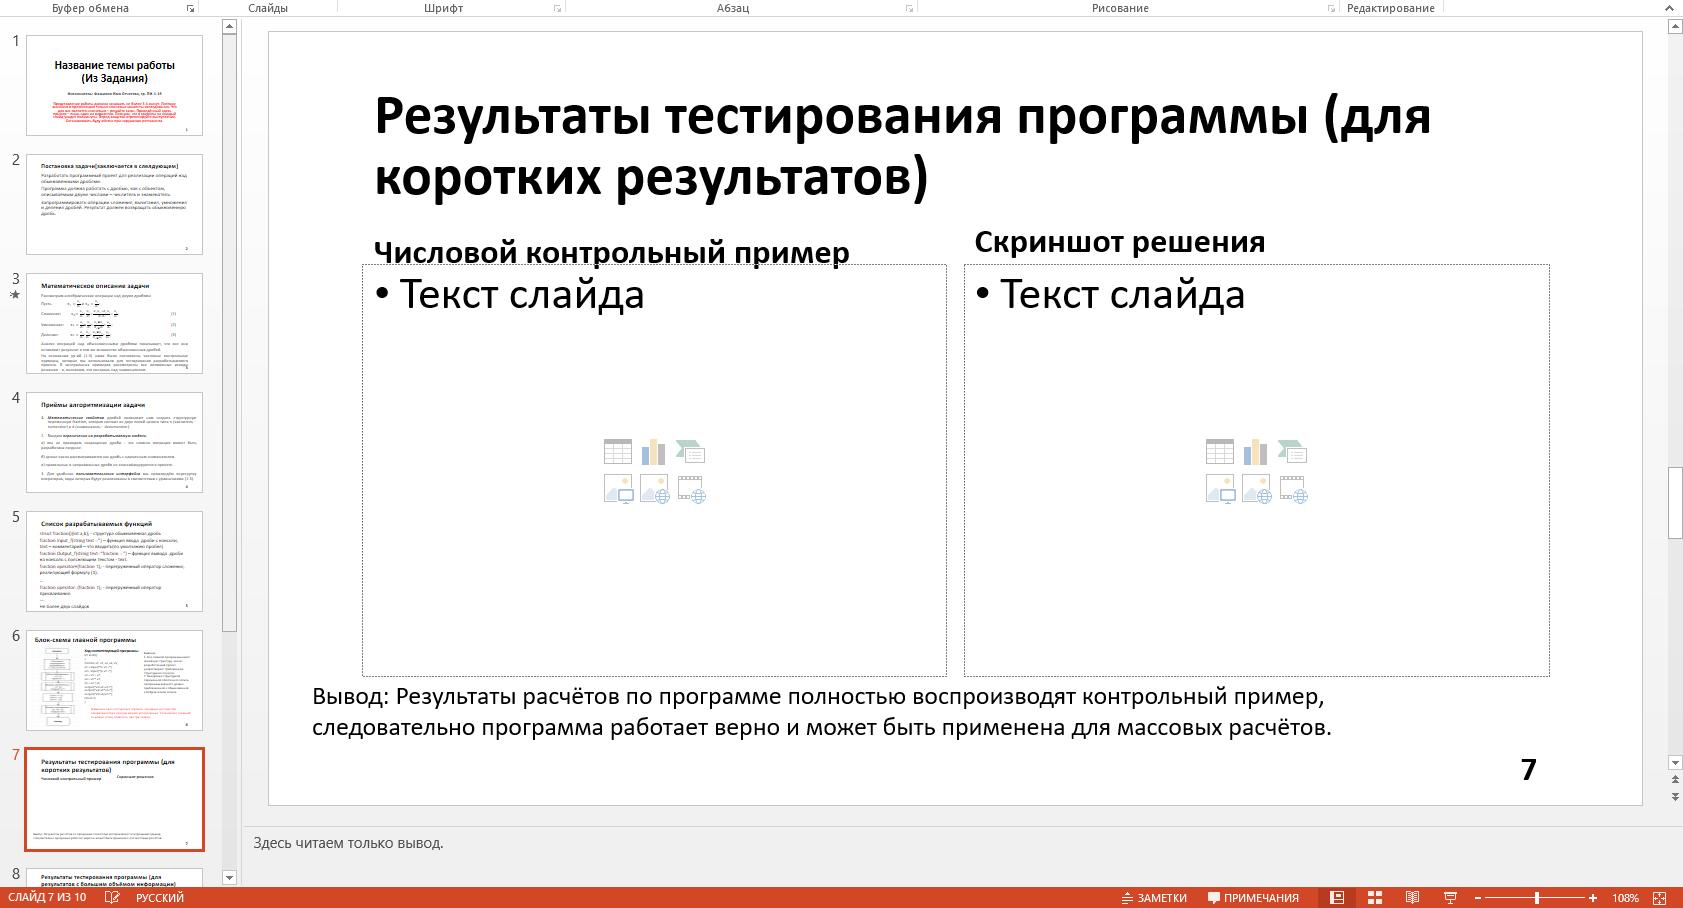 Пример презентации для защиты курсовой работы